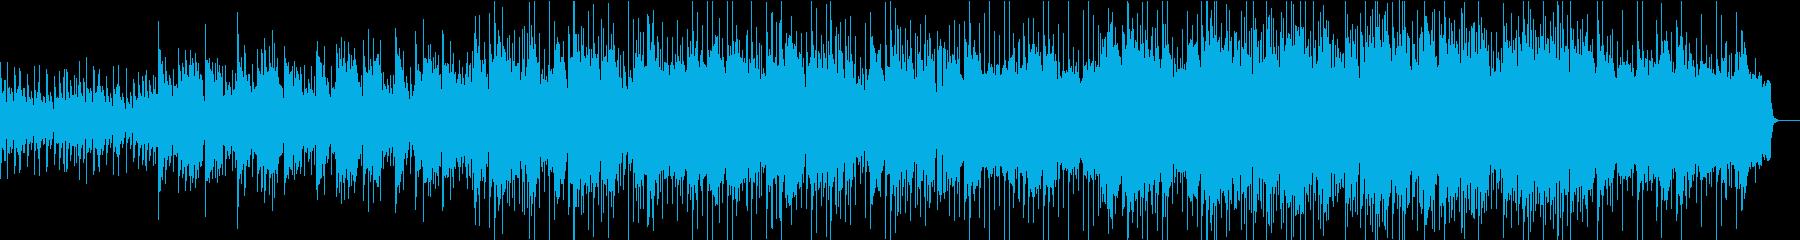 哀愁漂うアコースティックロックバラードの再生済みの波形